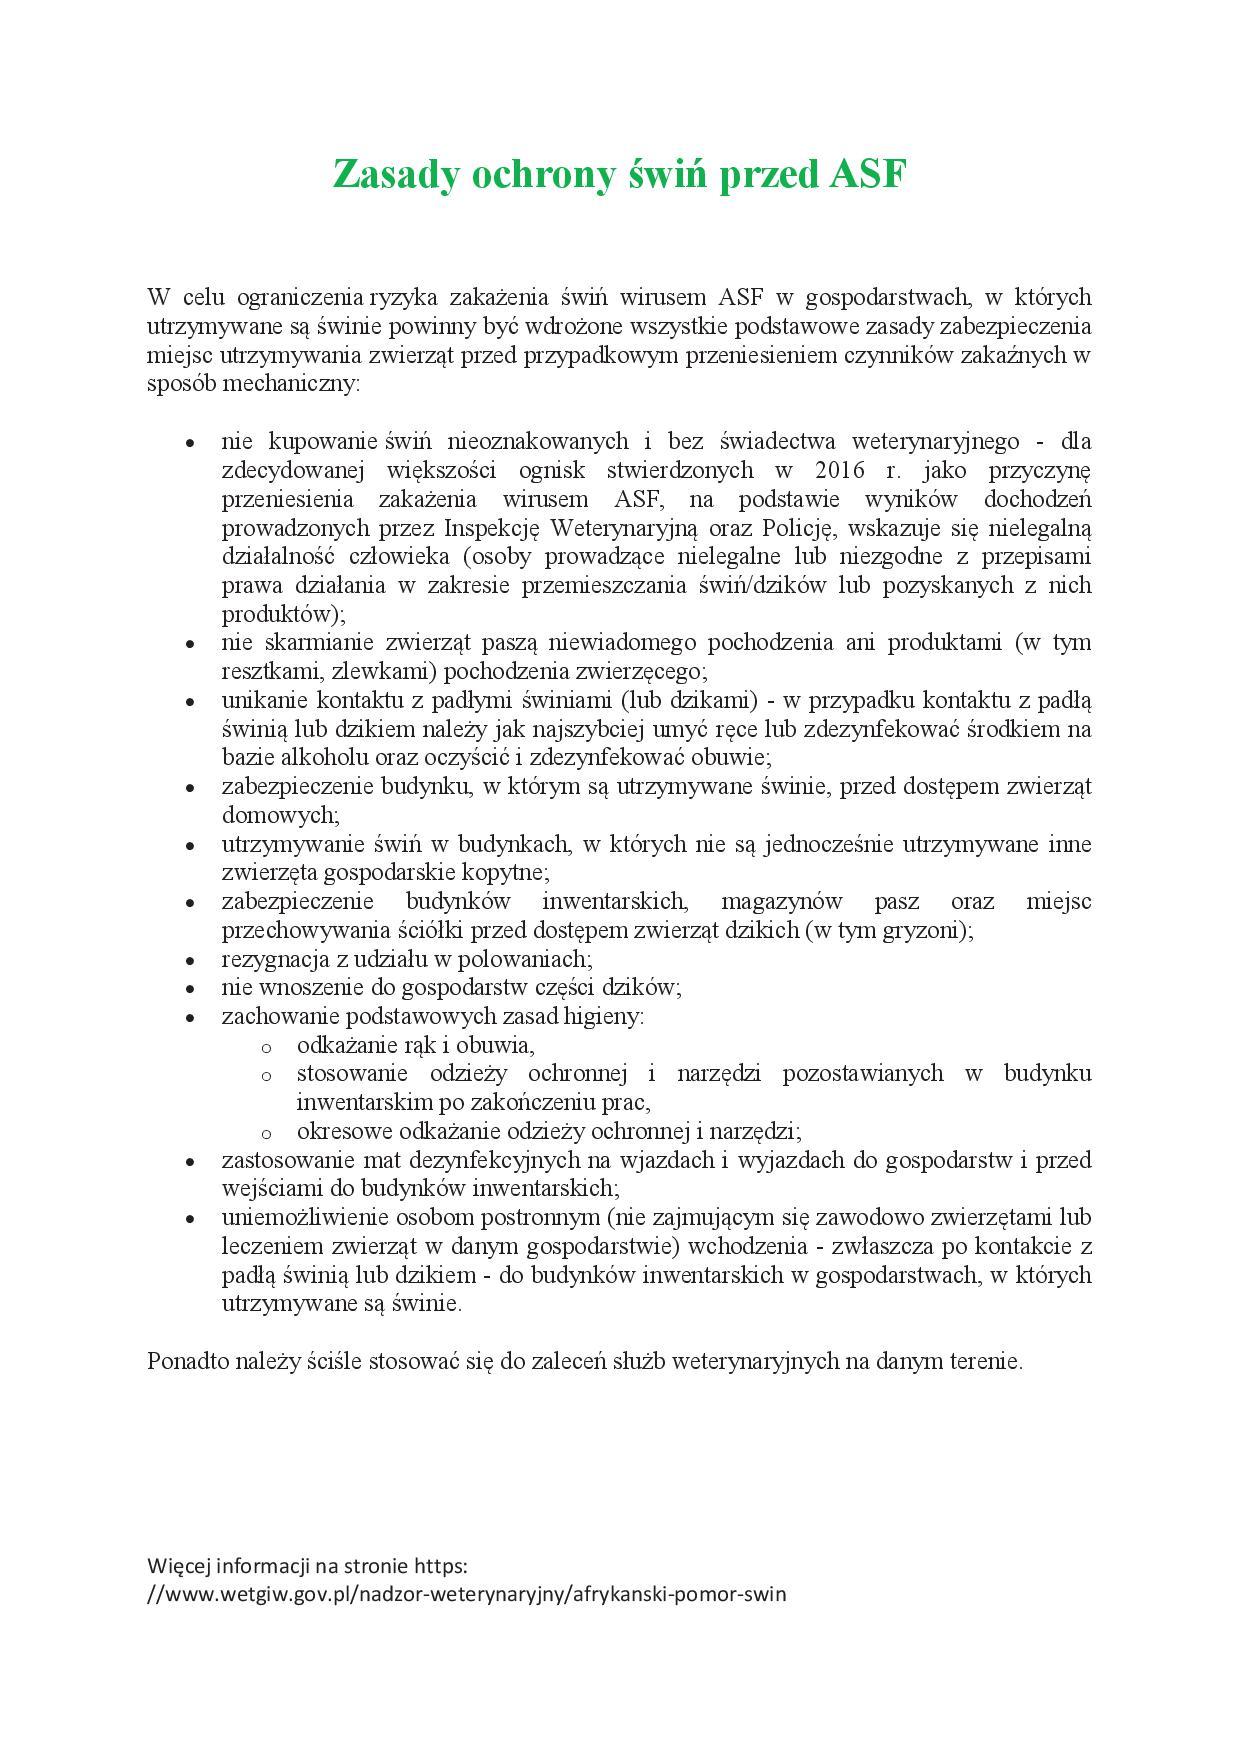 Zasady ochrony świń przed ASF.pdf